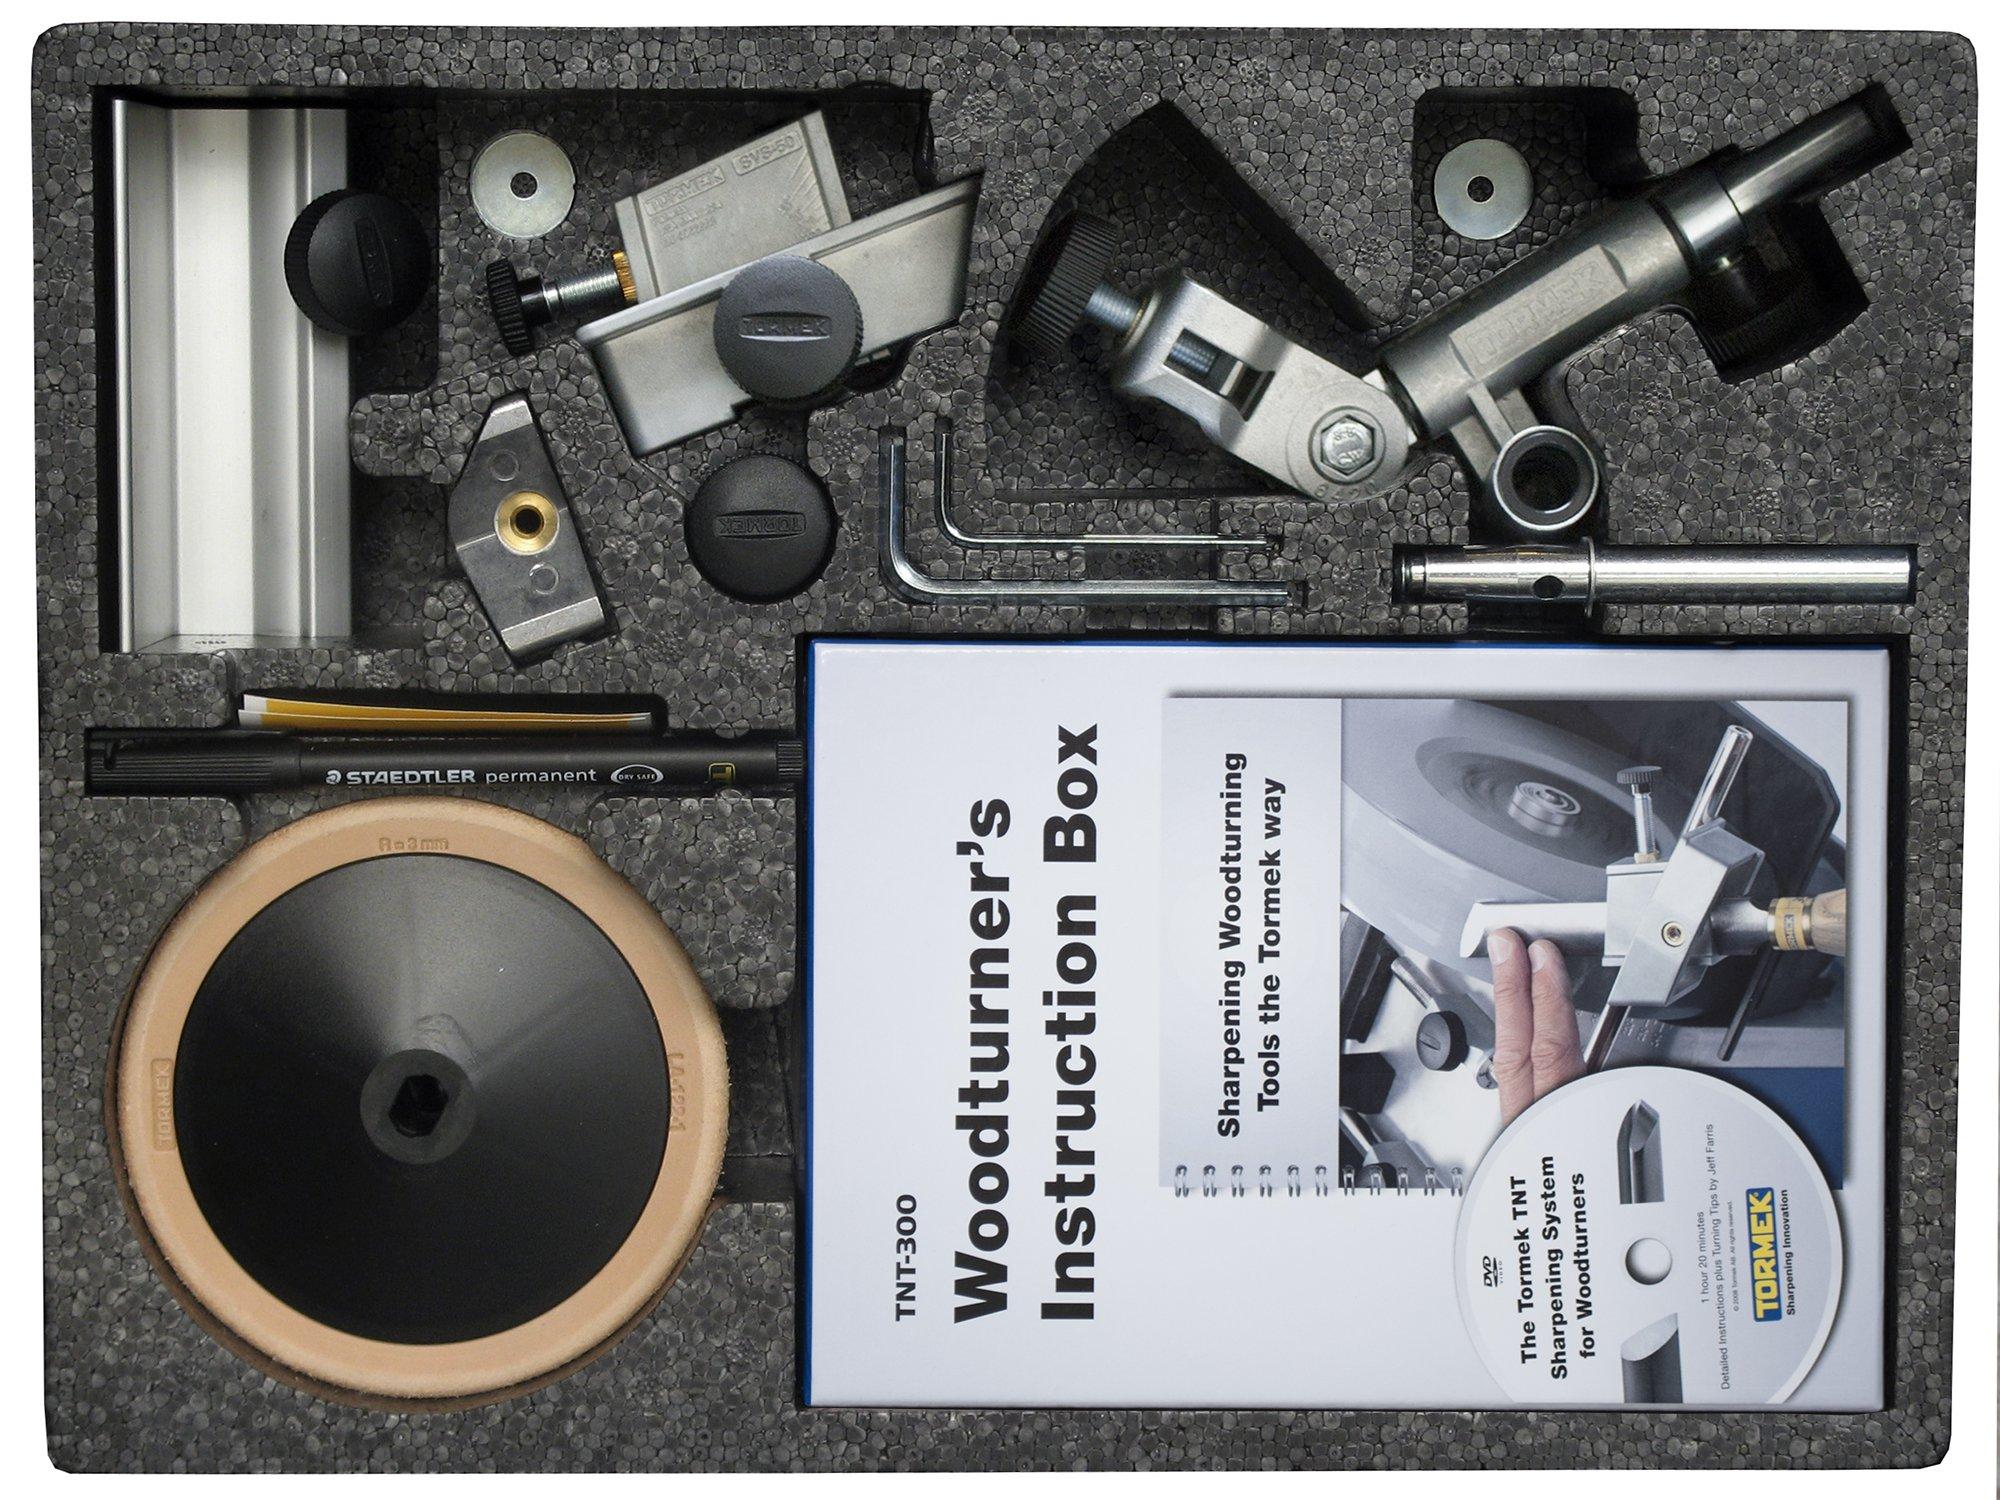 Drechseln-Werkzeug-Schrfen-Kit-Tormek-tnt-708-Eine-Komplette-Drehmeiel-Spitzer-kit-fr-Tormek-Wasser-gekhlt-Schrfen-Systeme